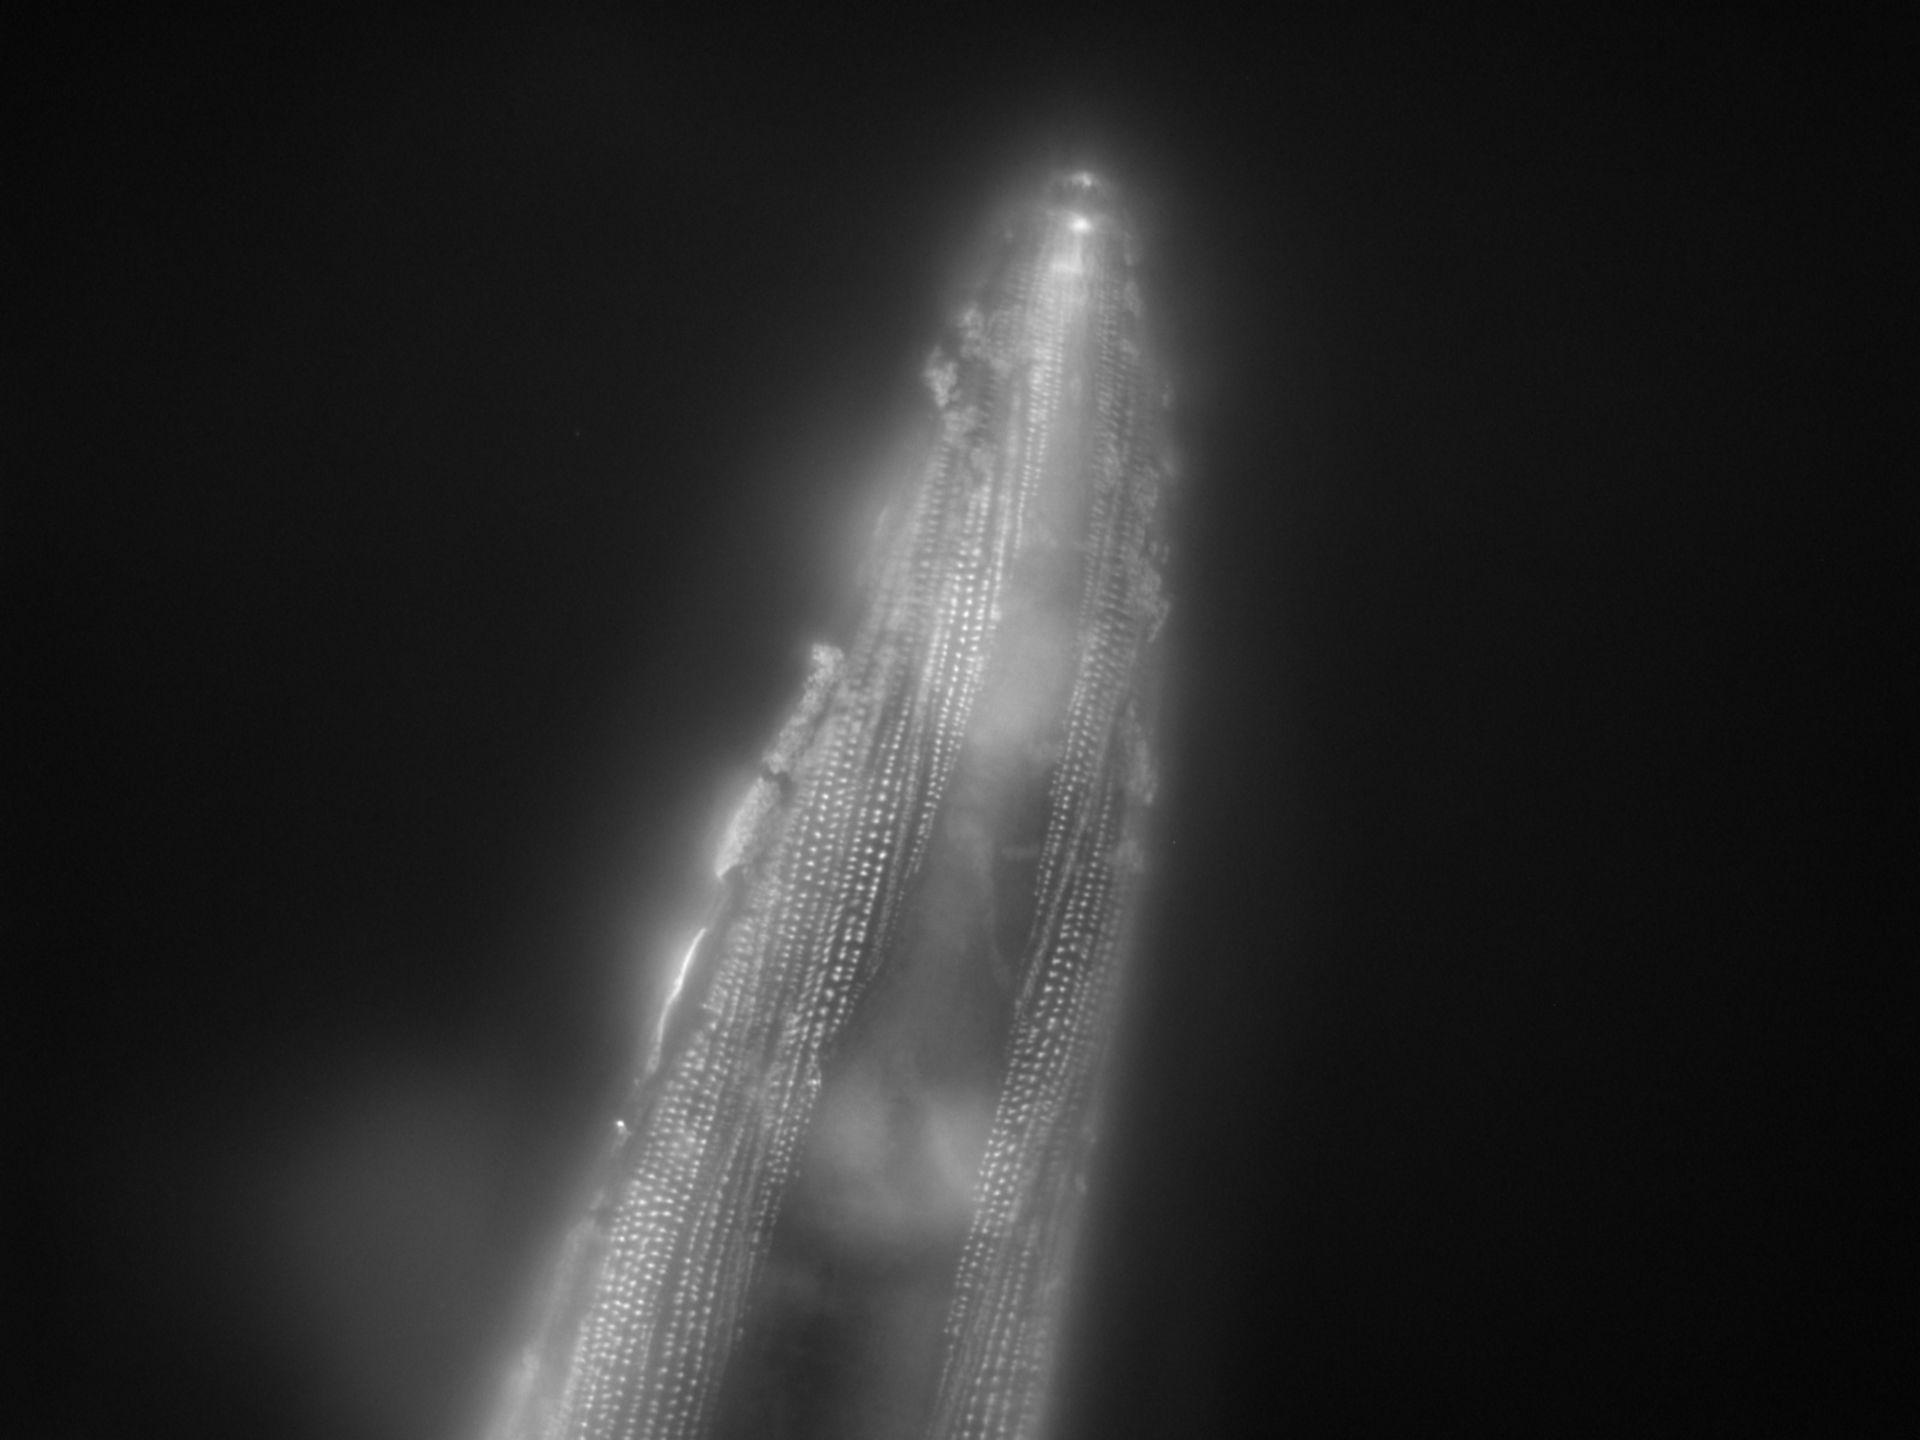 Caenorhabditis elegans (filamento di actina) - CIL:1169